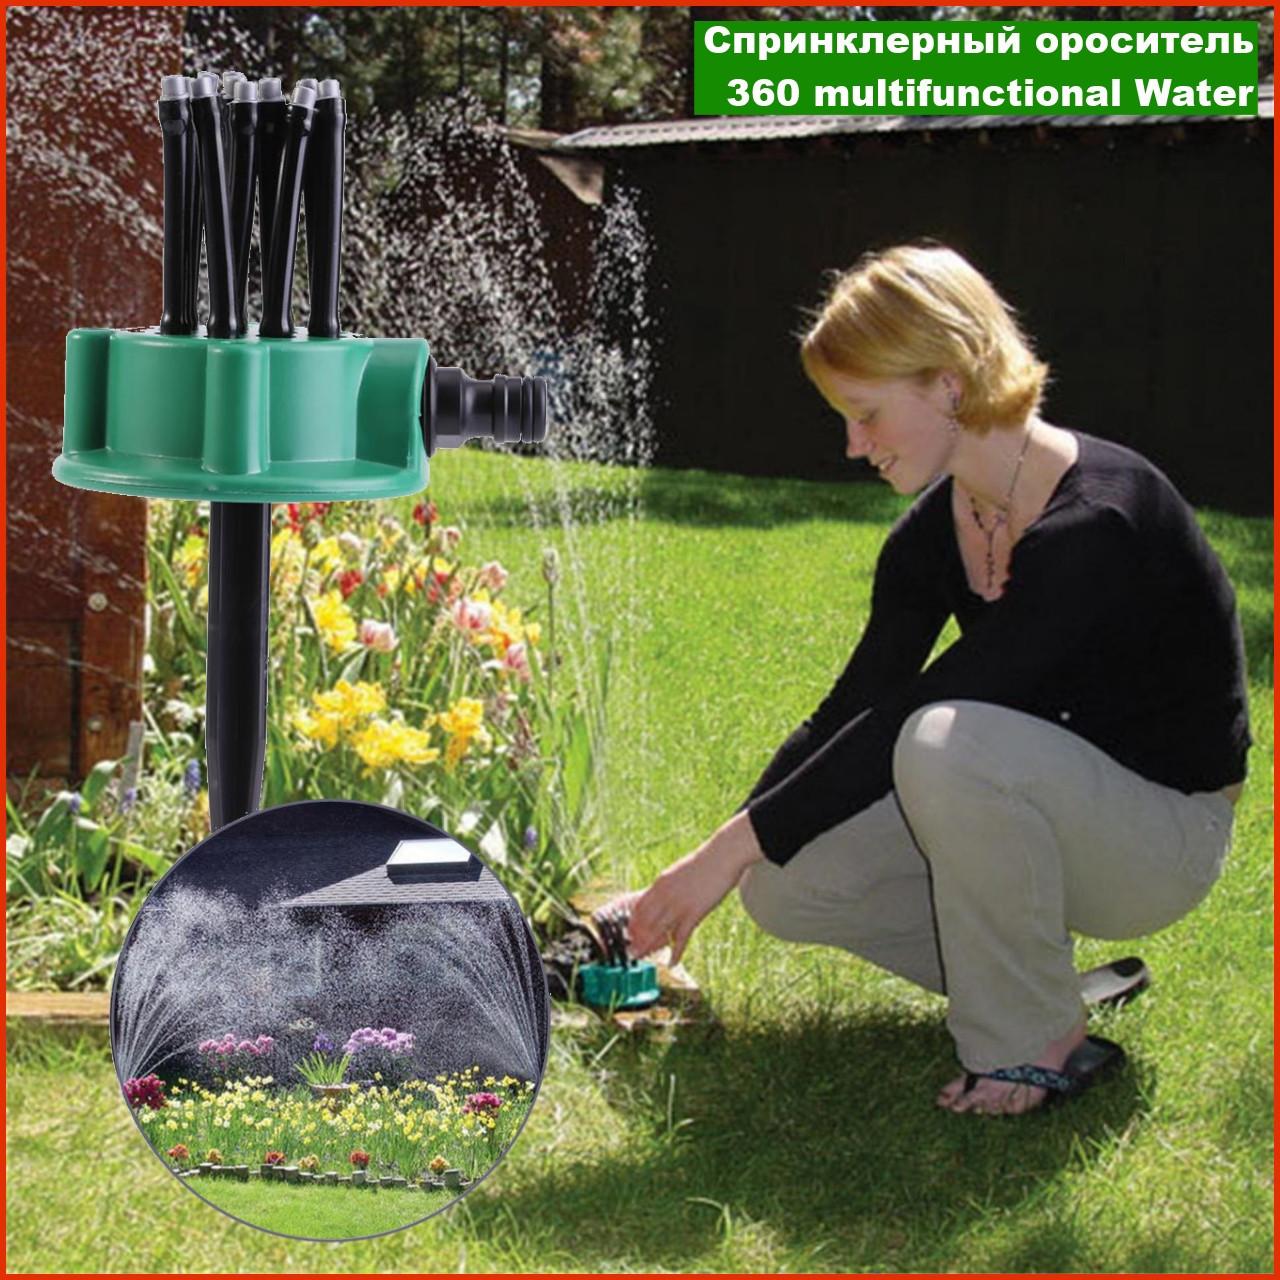 Спринклерний зрошувач 360 multifunctional Water / розбризкувач / розпилювач для поливу газону / Оригінал